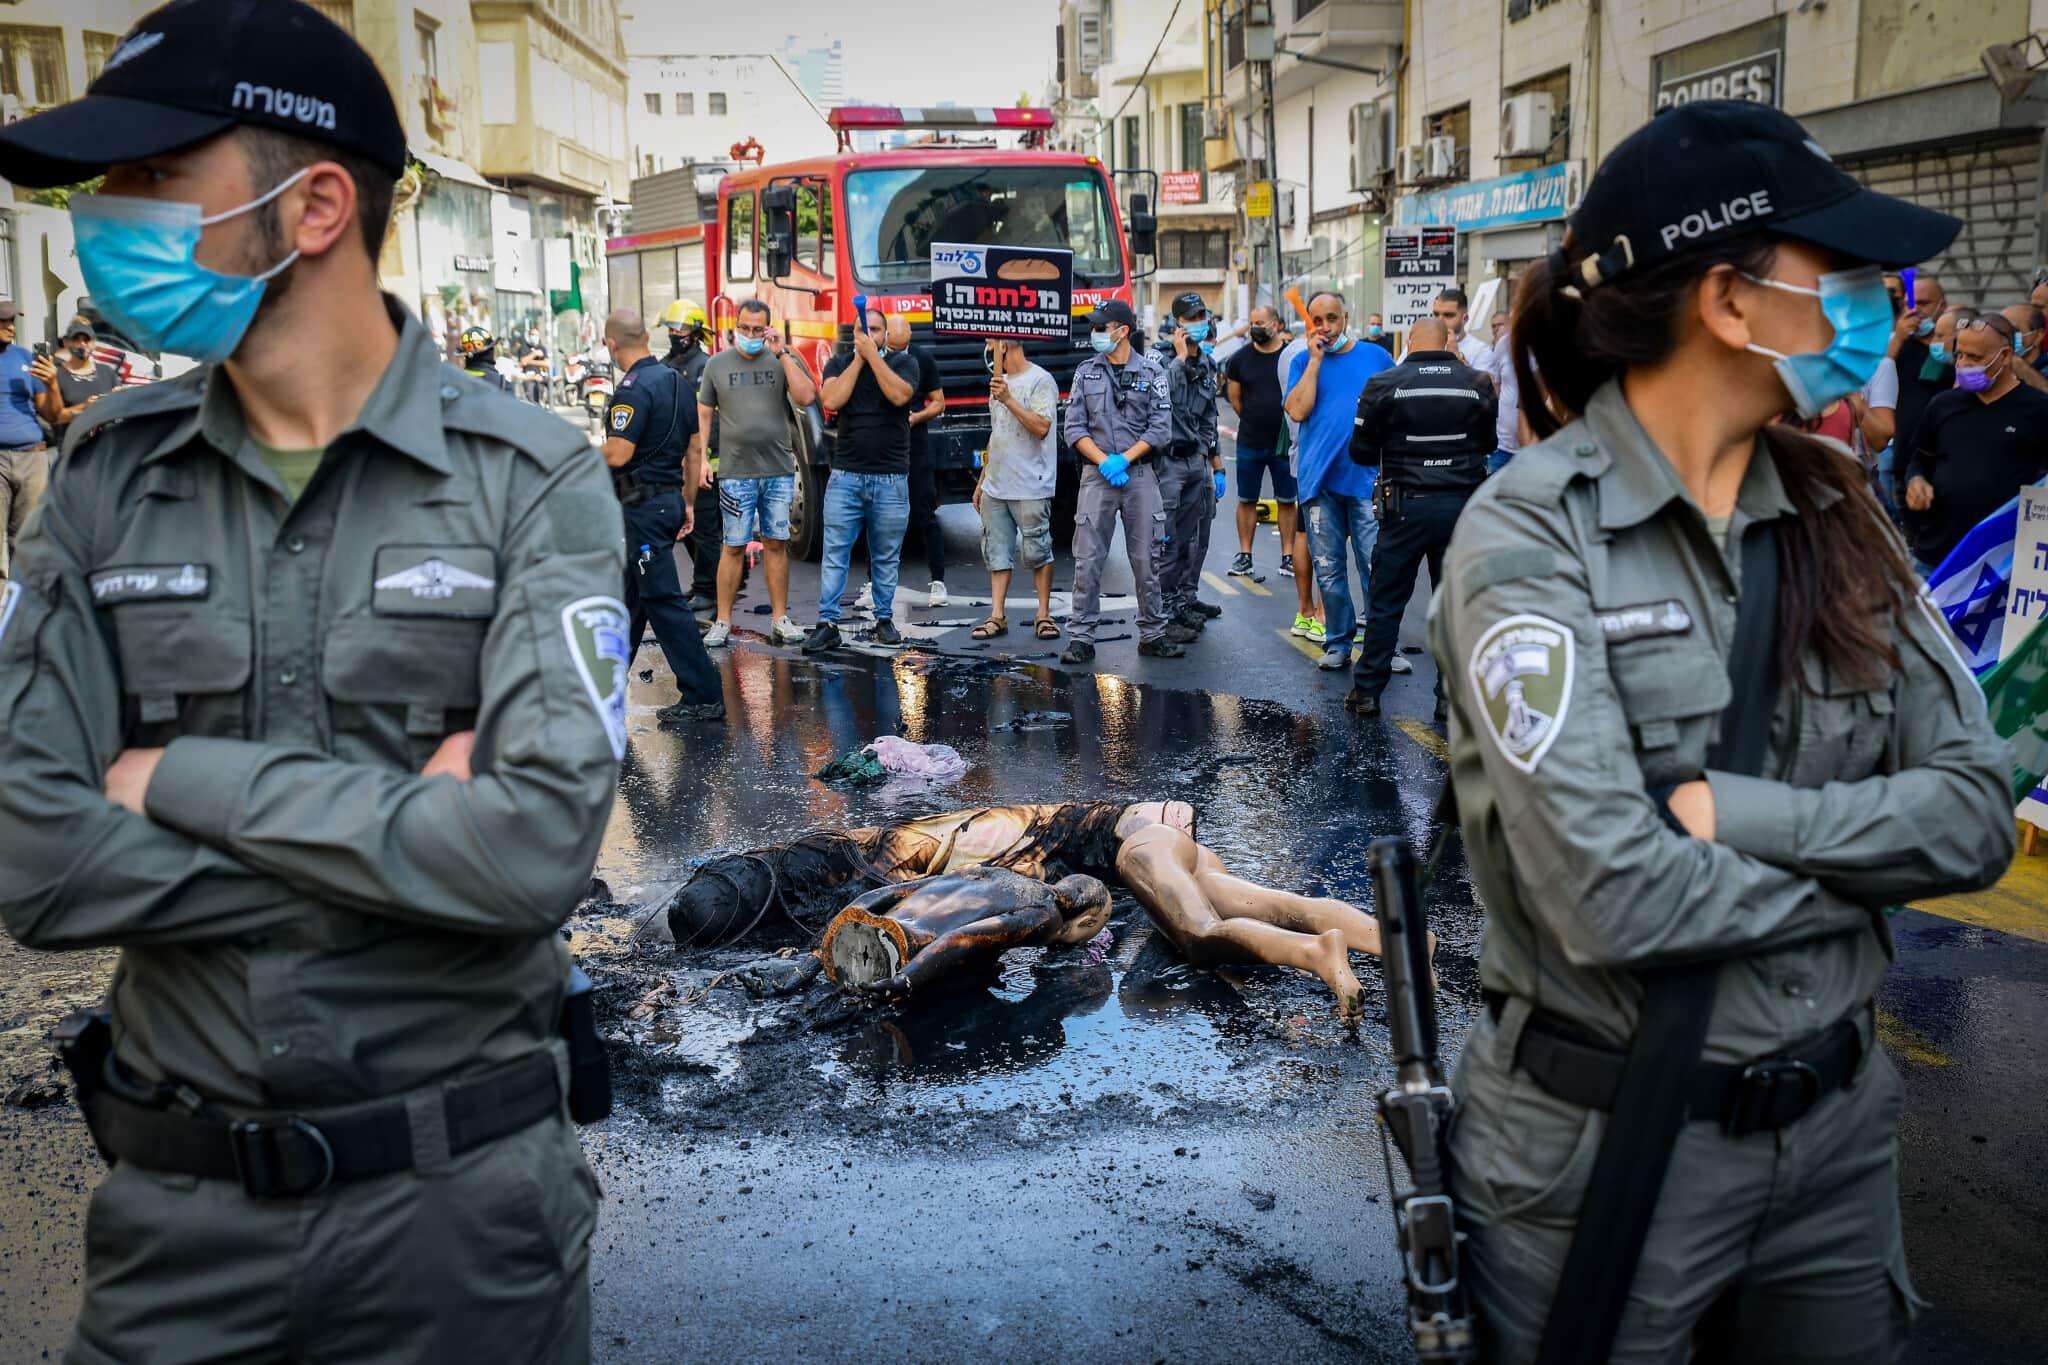 בעלי עסקים קטנים בתל אביב מפגינים נגד מגבלות הקורונה. 29 באוקטובר 2020 (צילום: Avshalom Sassoni/Flash90)